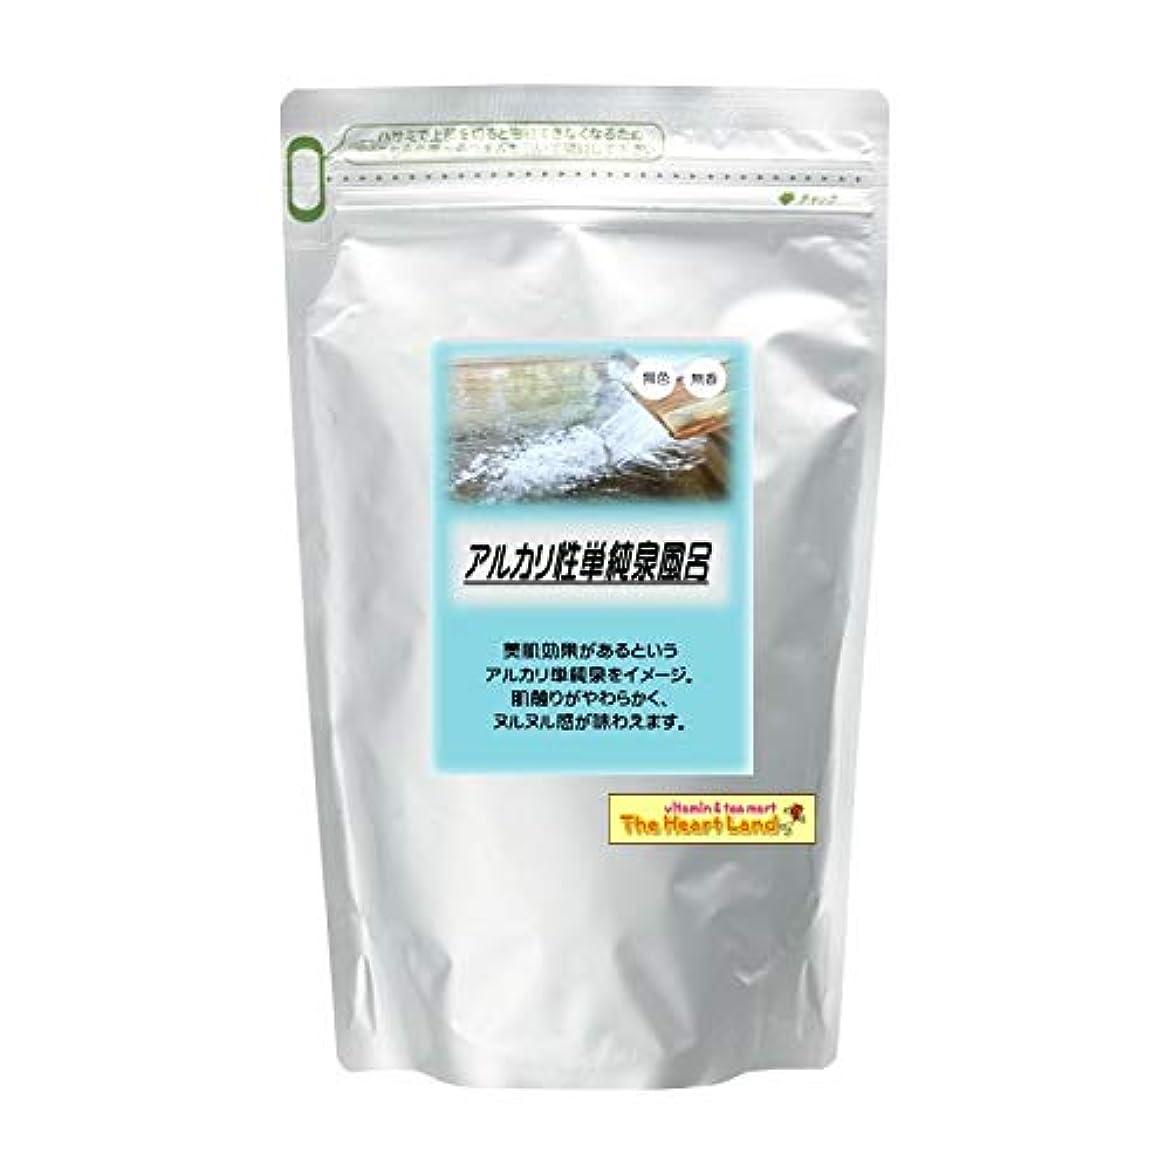 サスペンドミントディスコアサヒ入浴剤 浴用入浴化粧品 アルカリ性単純泉風呂 2.5kg